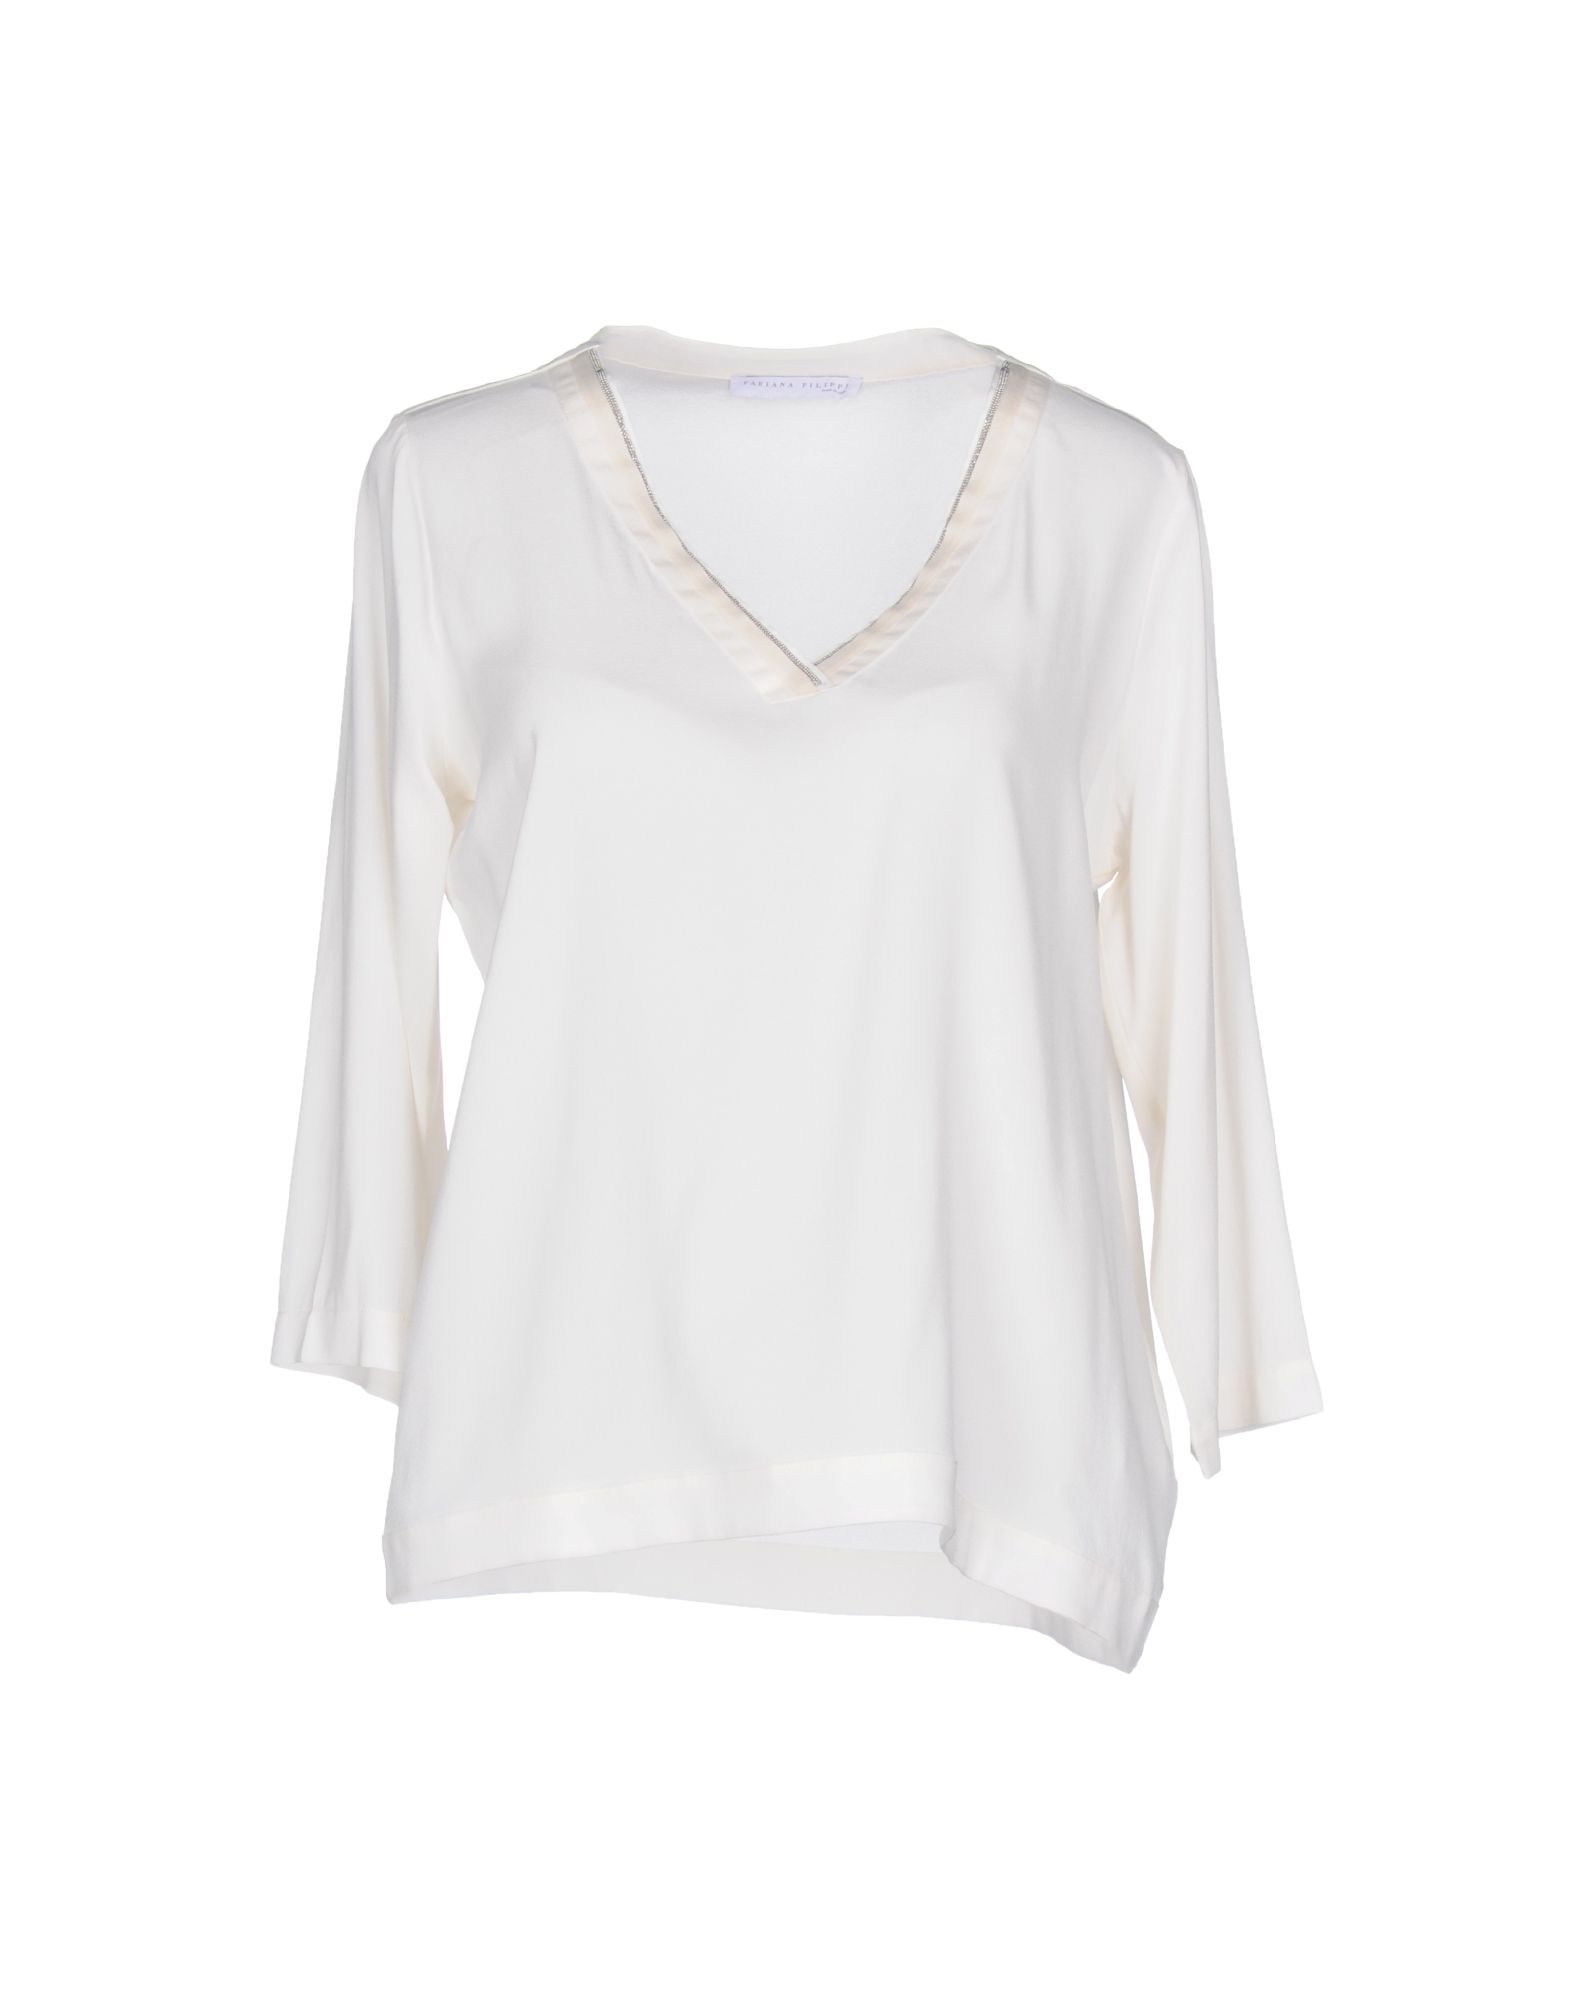 FABIANA FILIPPI Damen Bluse Farbe Elfenbein Größe 7